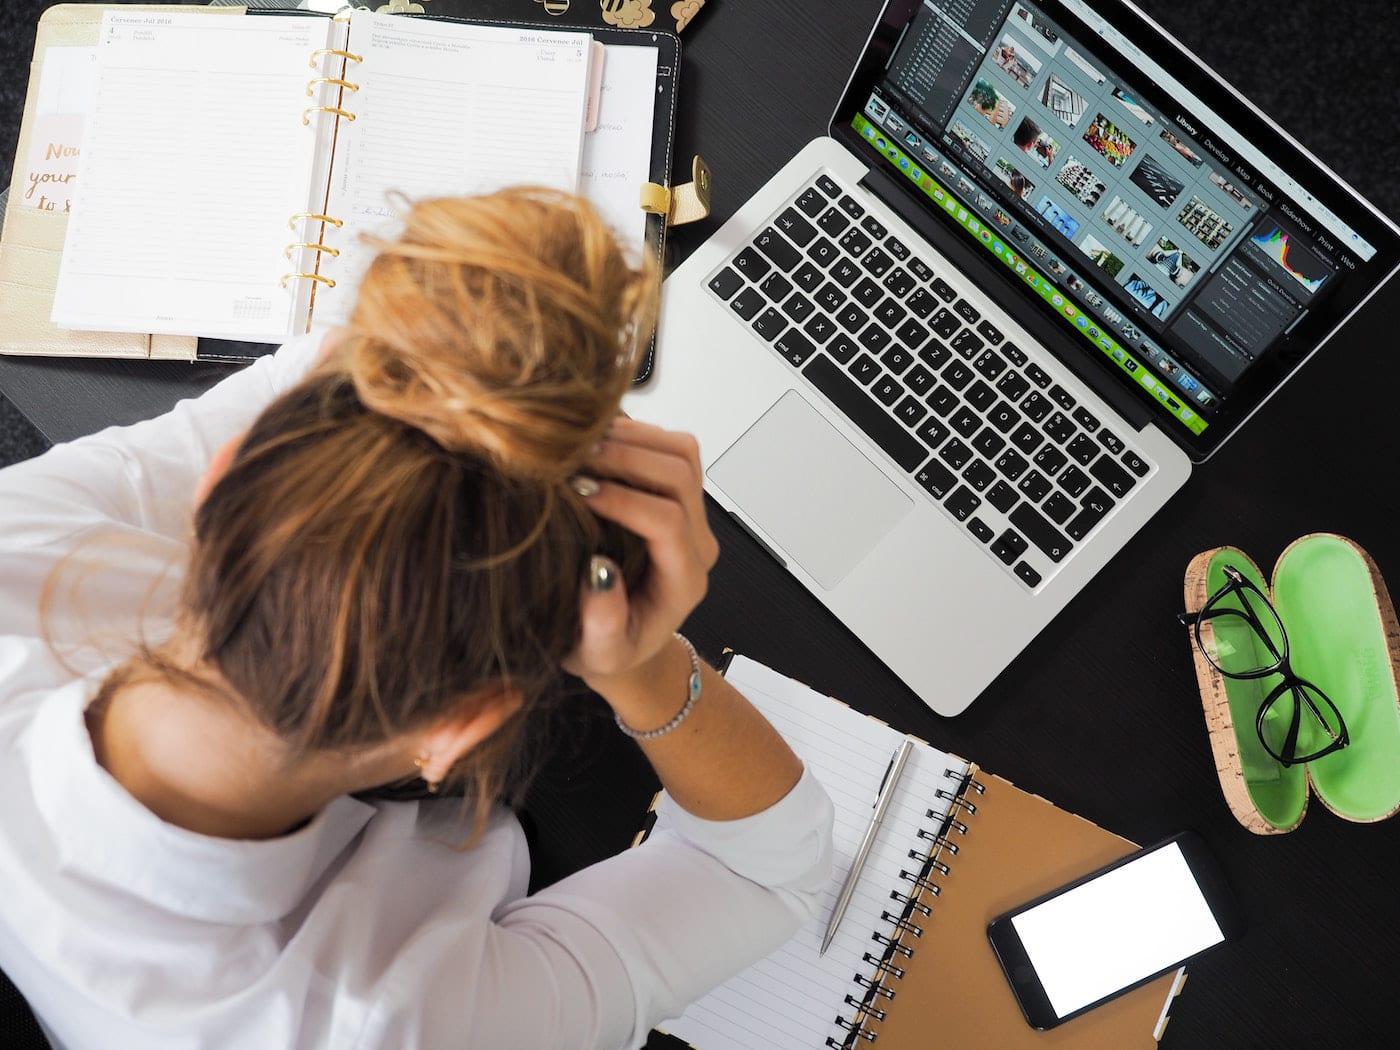 Soziale Medien lösen den FOMO-Effekt aus